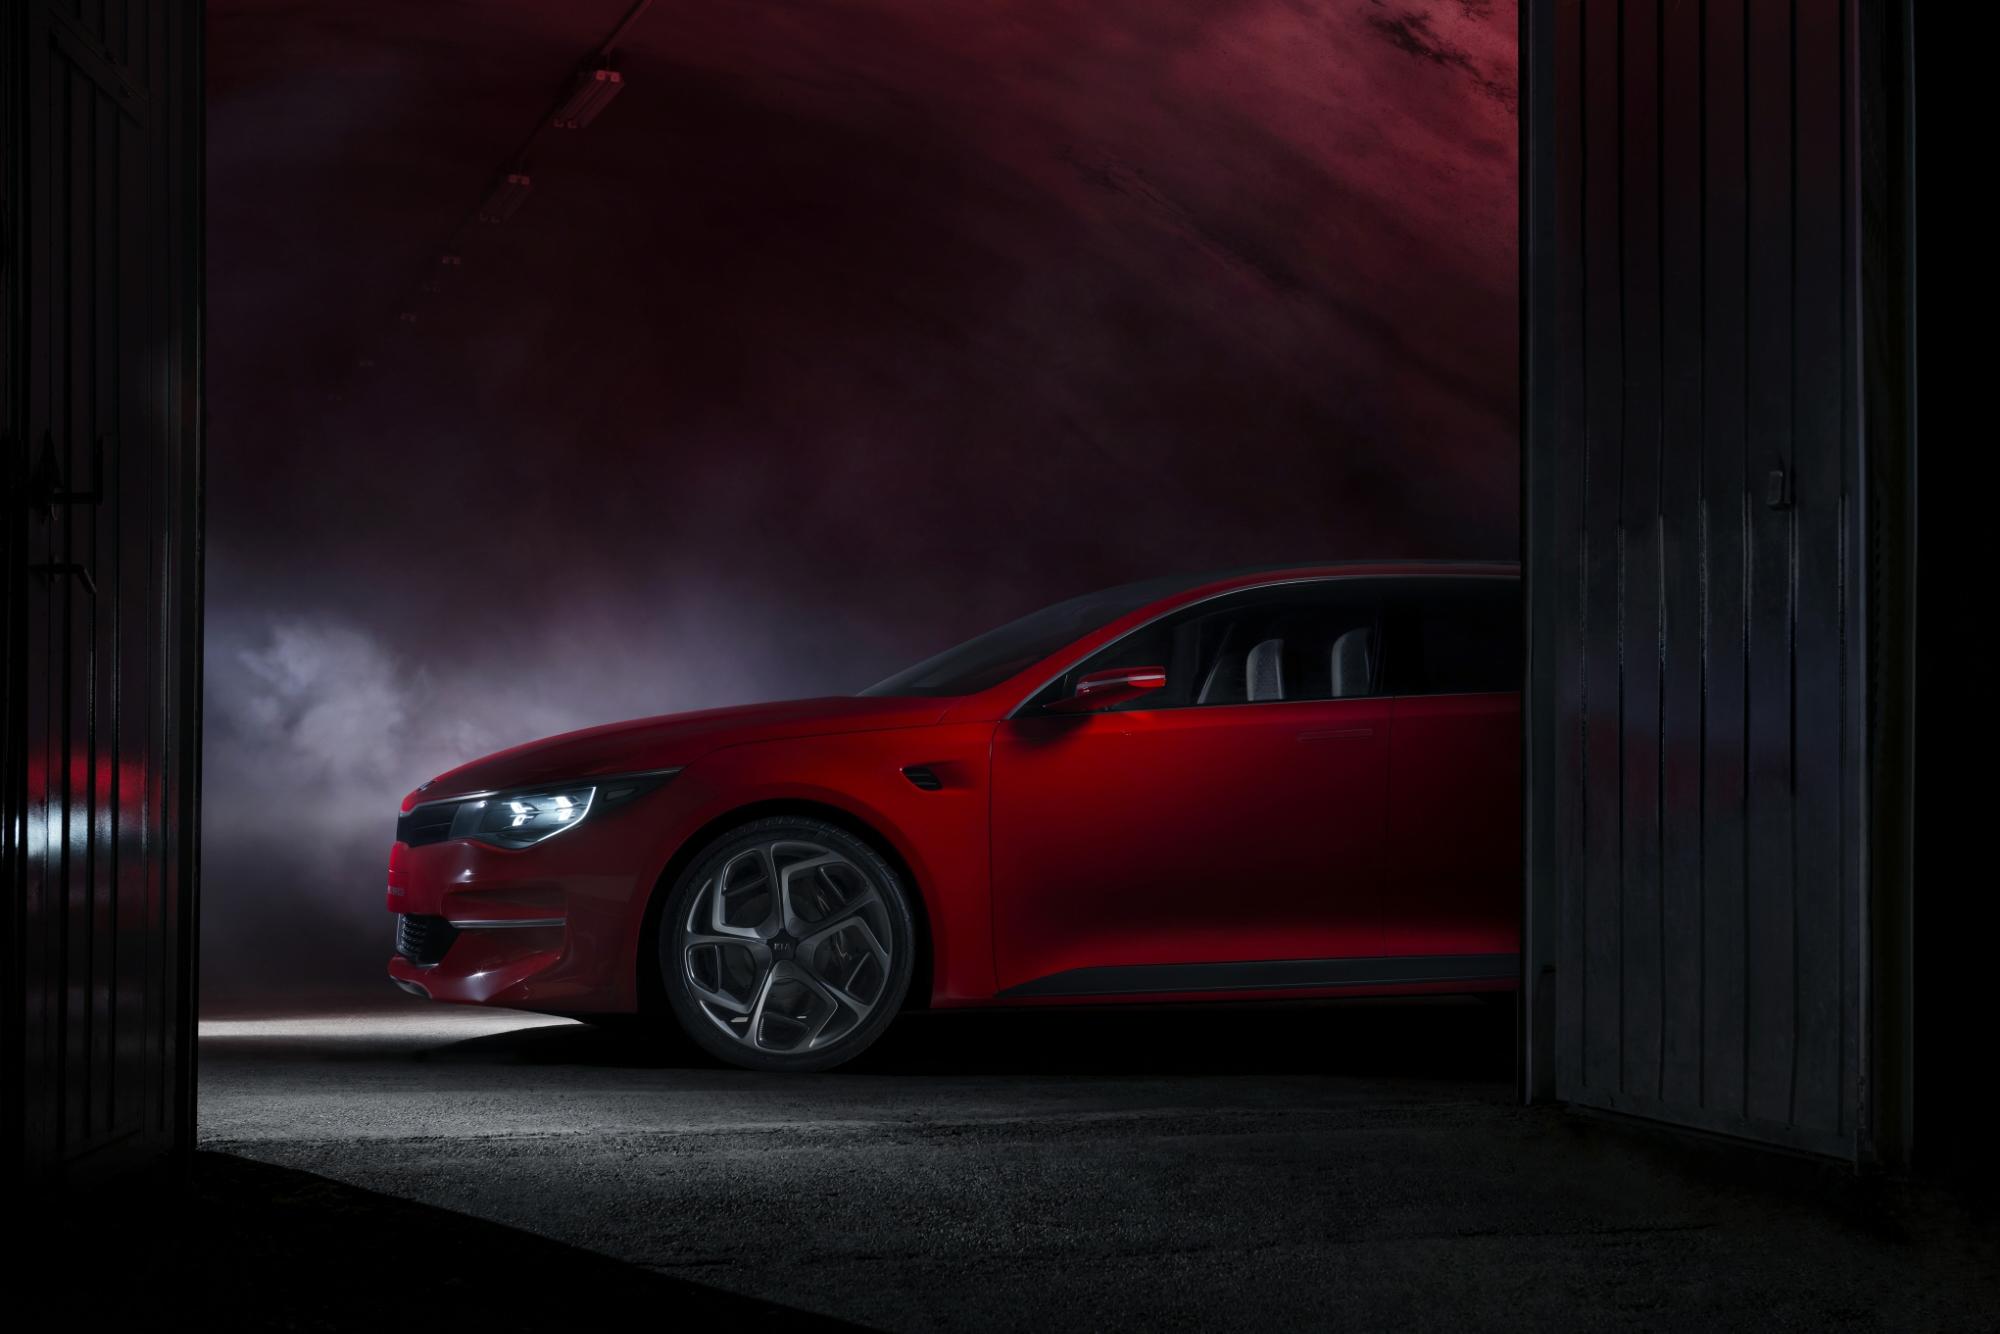 Kia Concept Car to Debut at Geneva